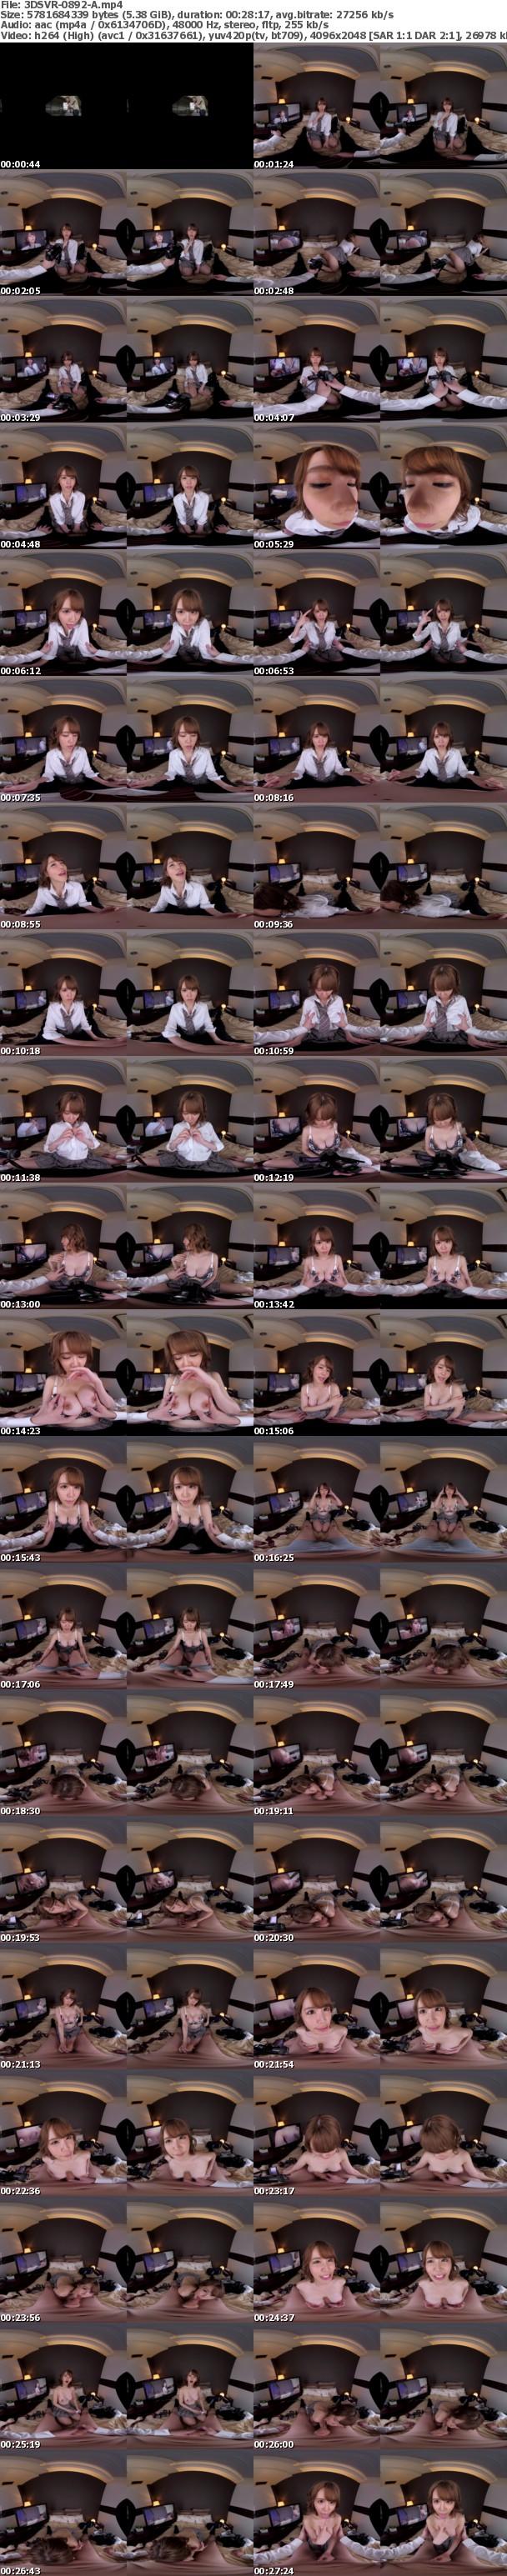 (VR) 3DSVR-0892 生意気だけど思いの外じゅぽじゅぽフェラが奉仕型◆大阪府立○○商業 つきの